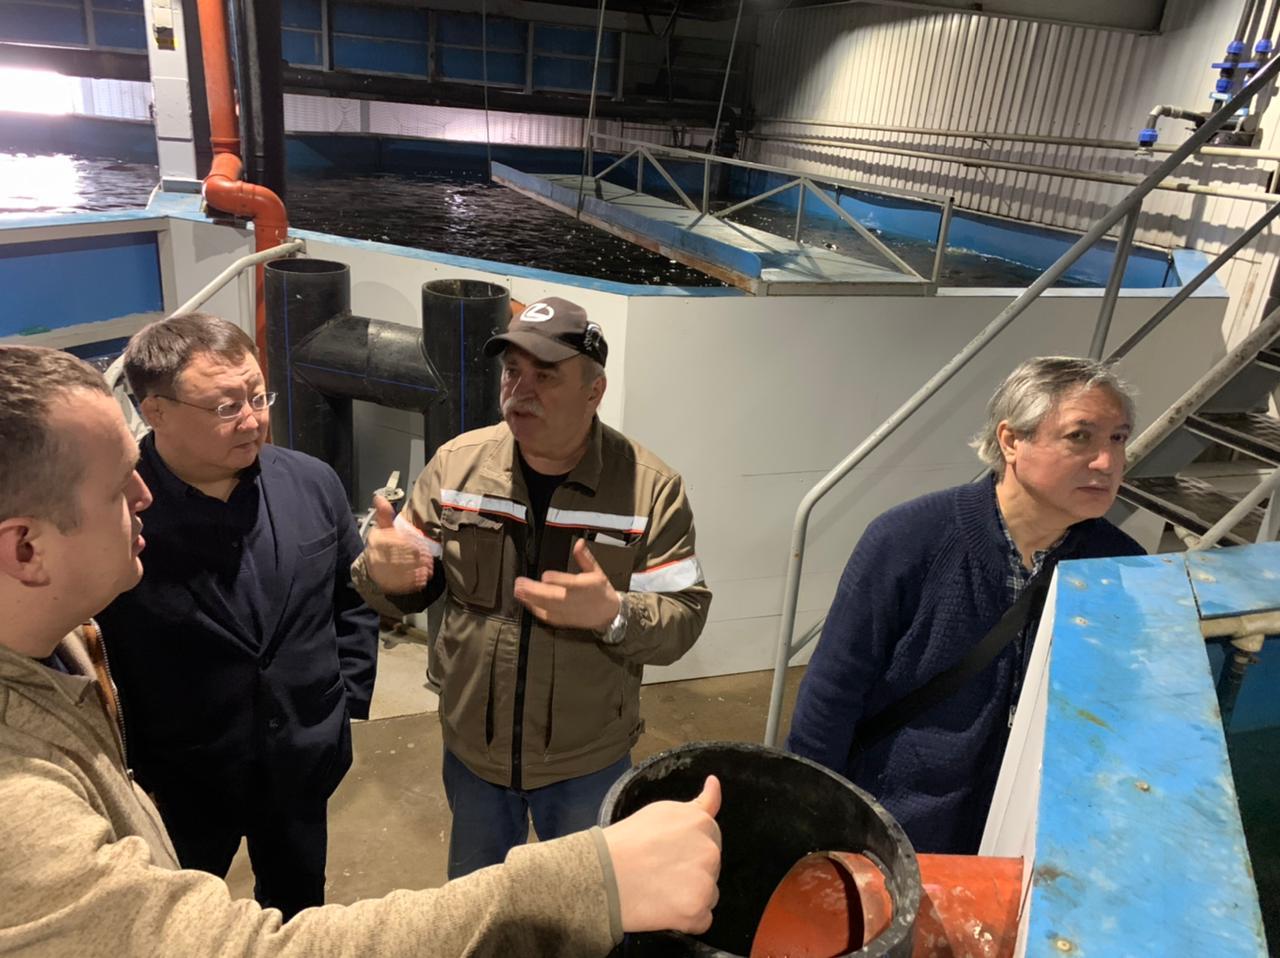 ЖДЯ: Опыт красноярских рыбоводов будет применен для восполнения рыбных запасов реки Алдан.